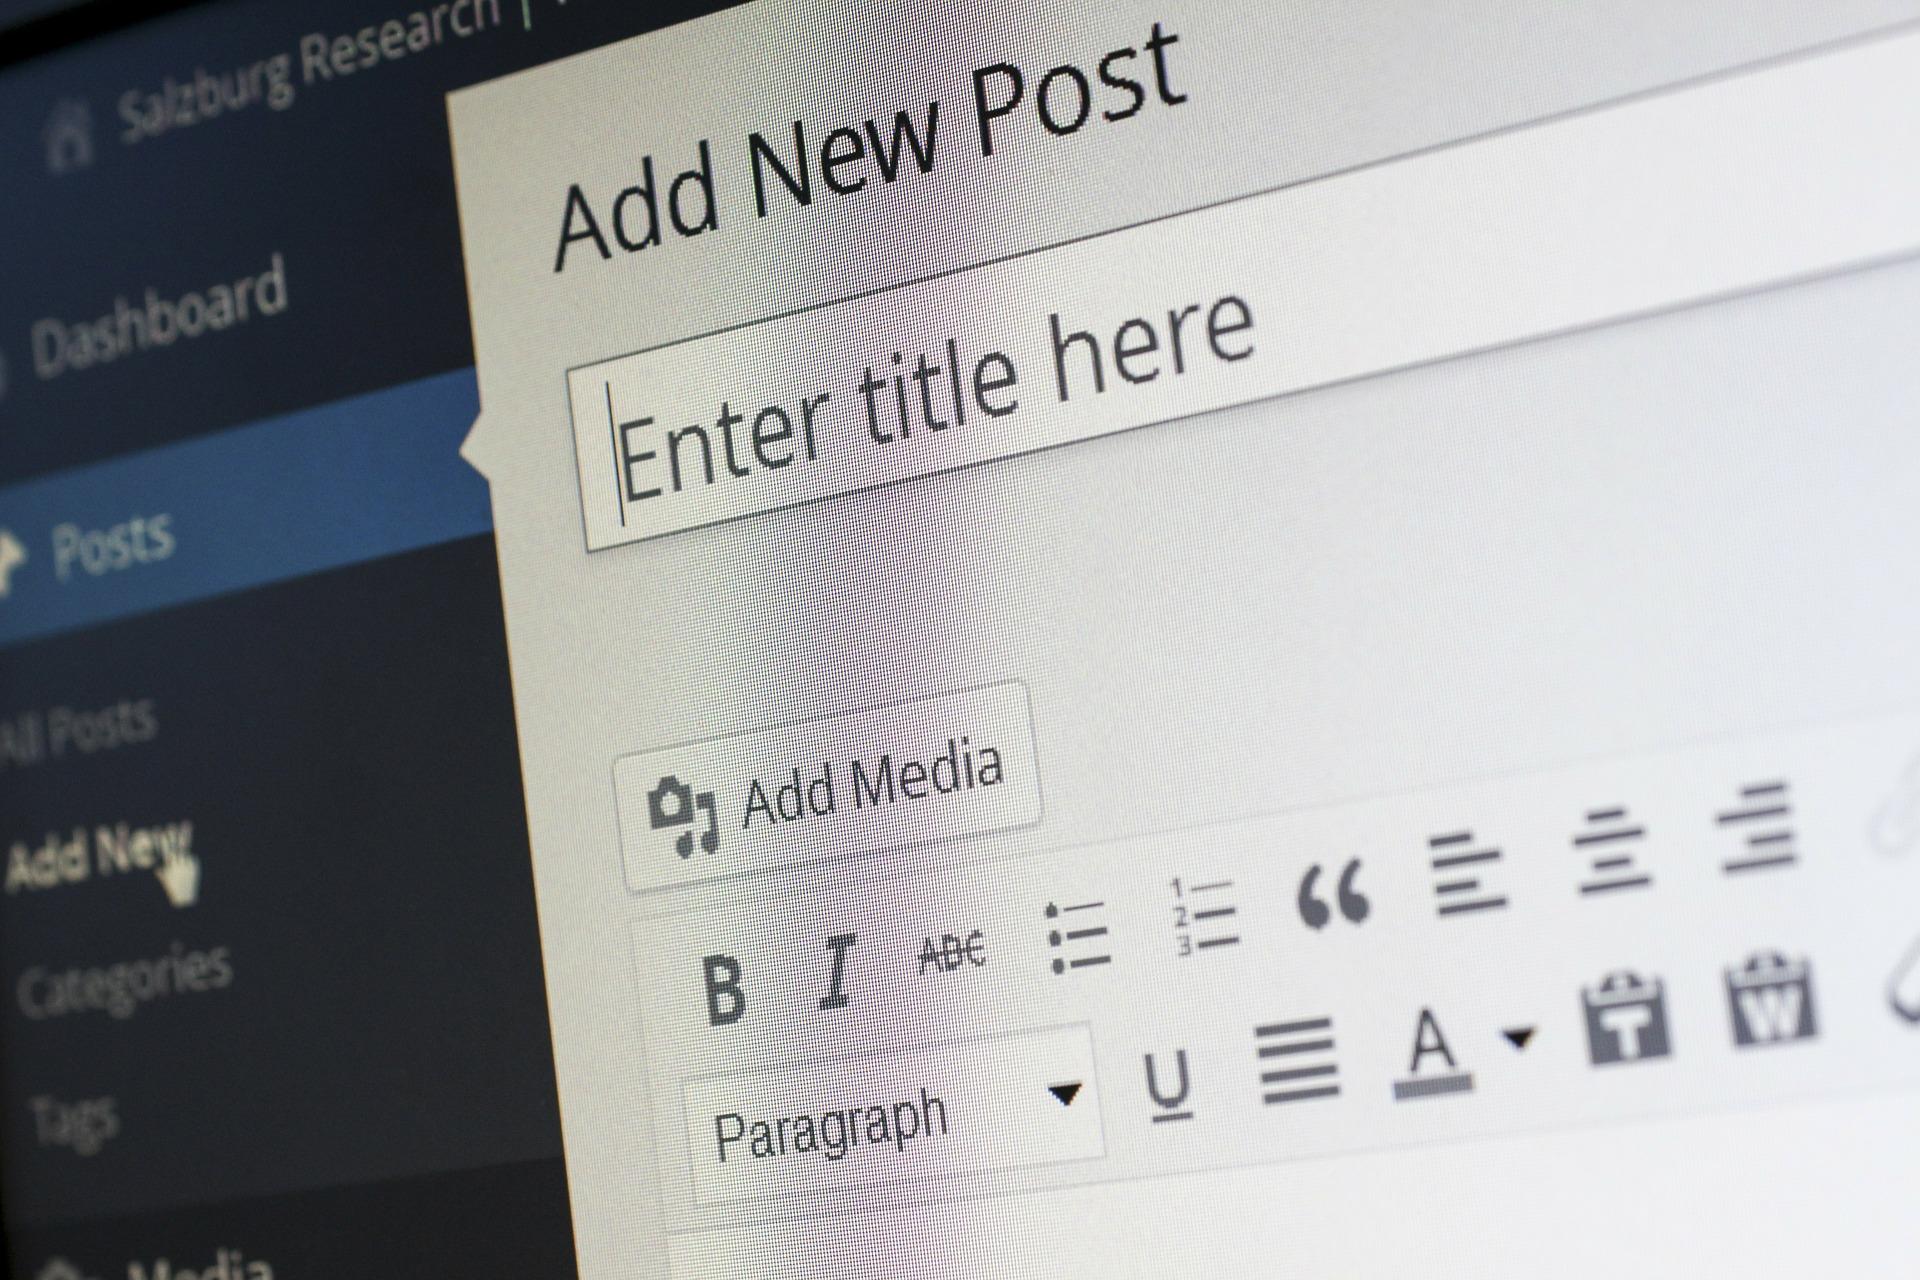 ブログ記事を100記事書いて、さらに新たにブログ運営を始め、30記事書いてみてわかった事とブログのネタを見つける方法。